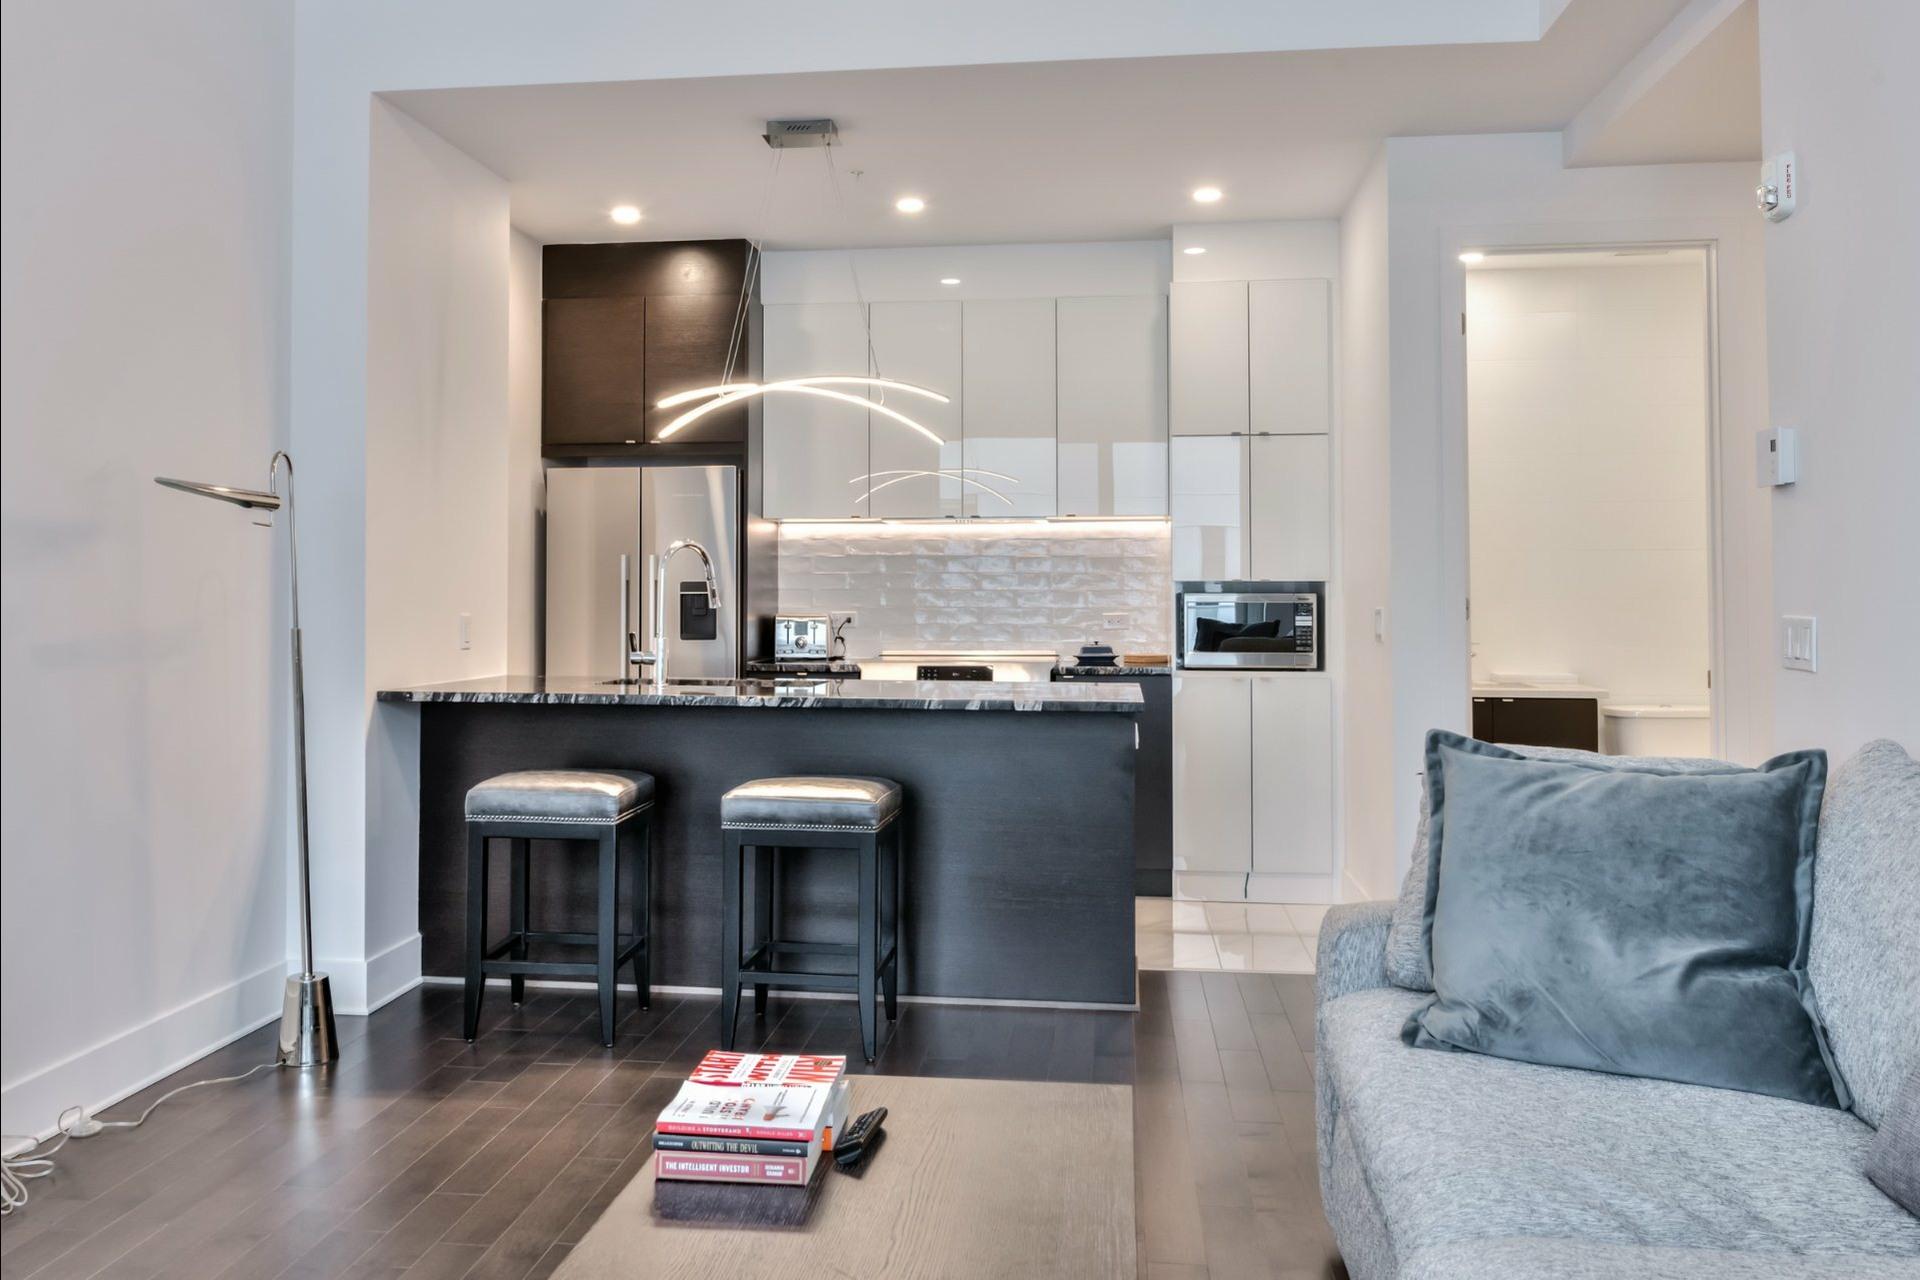 image 5 - 公寓 出售 Côte-des-Neiges/Notre-Dame-de-Grâce Montréal  - 4 室